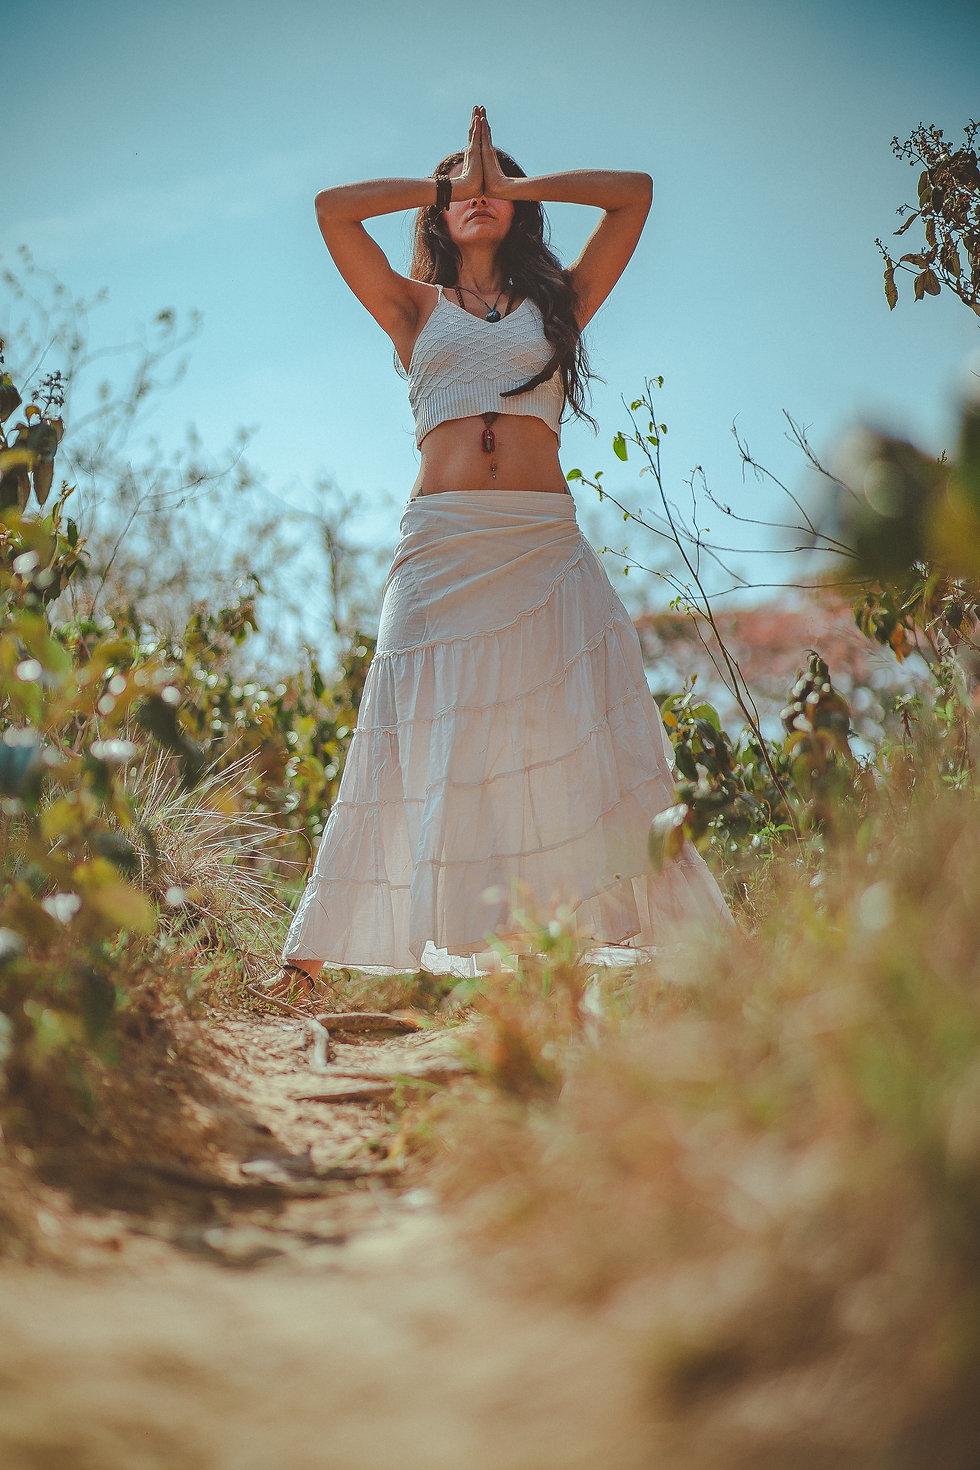 woman-in-white-tank-crop-top-on-grass-fi